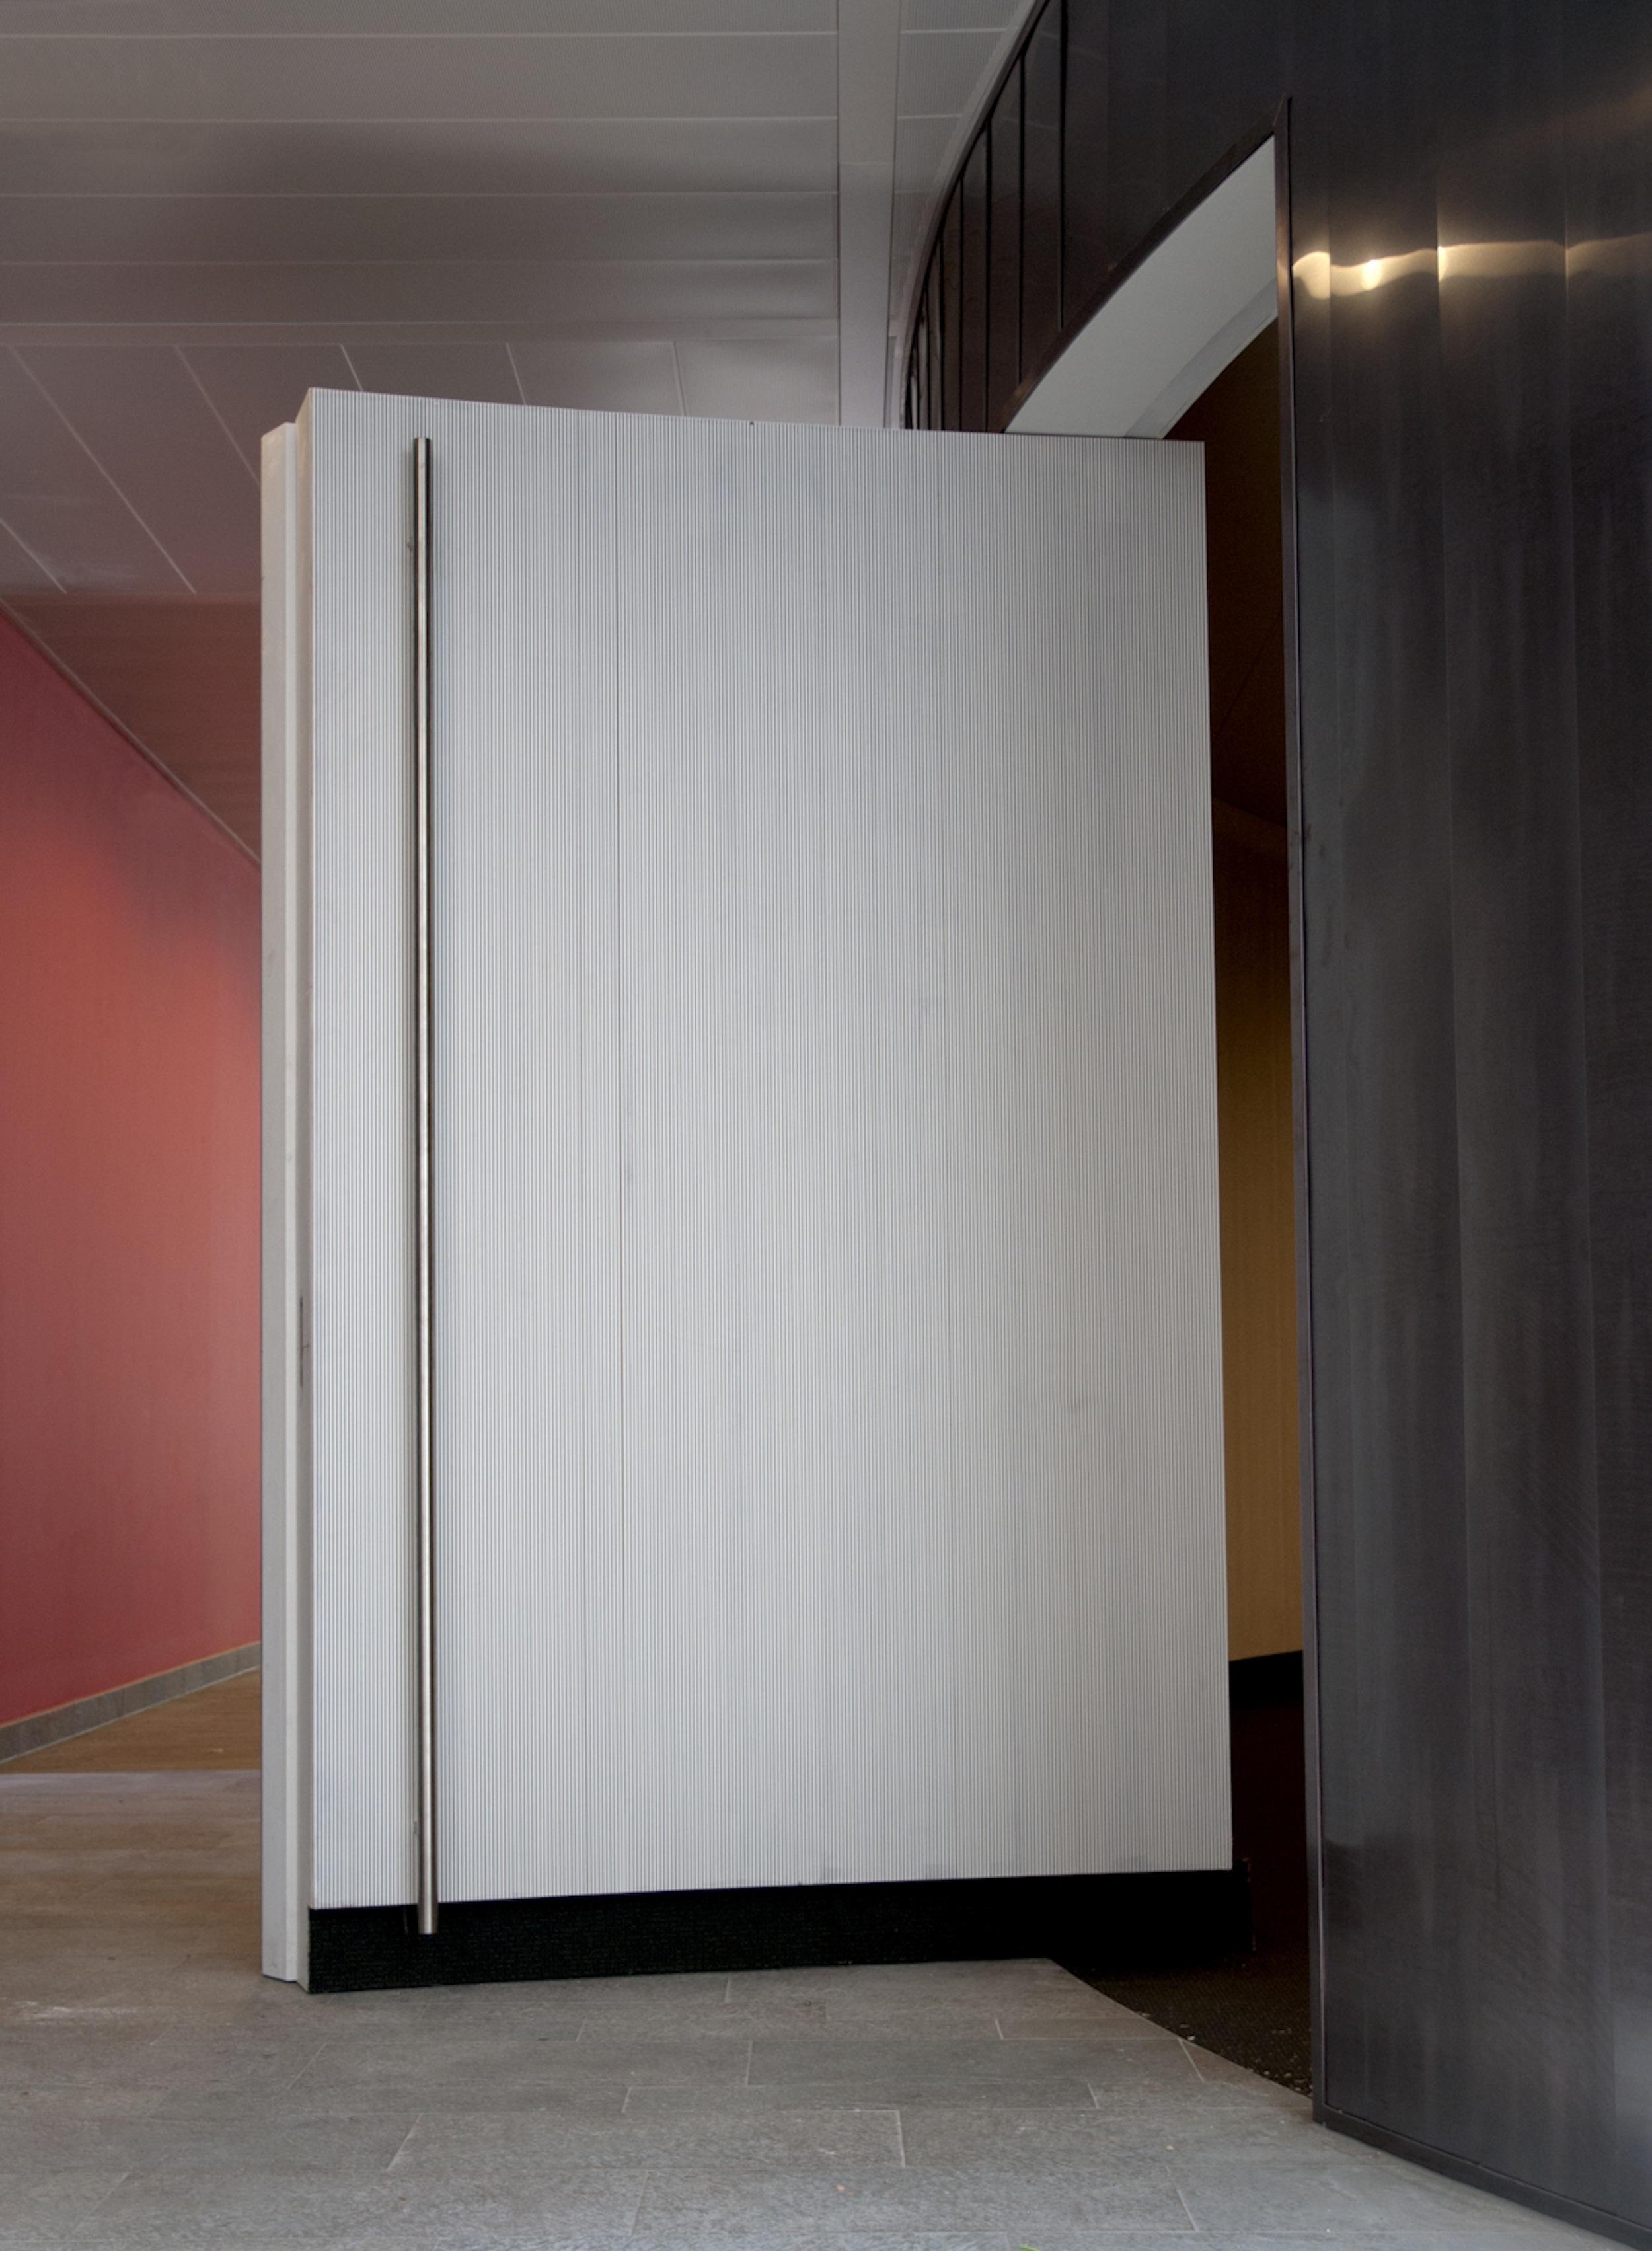 FritsJurgens_taatsdeuren_design_enschede_025.jpg